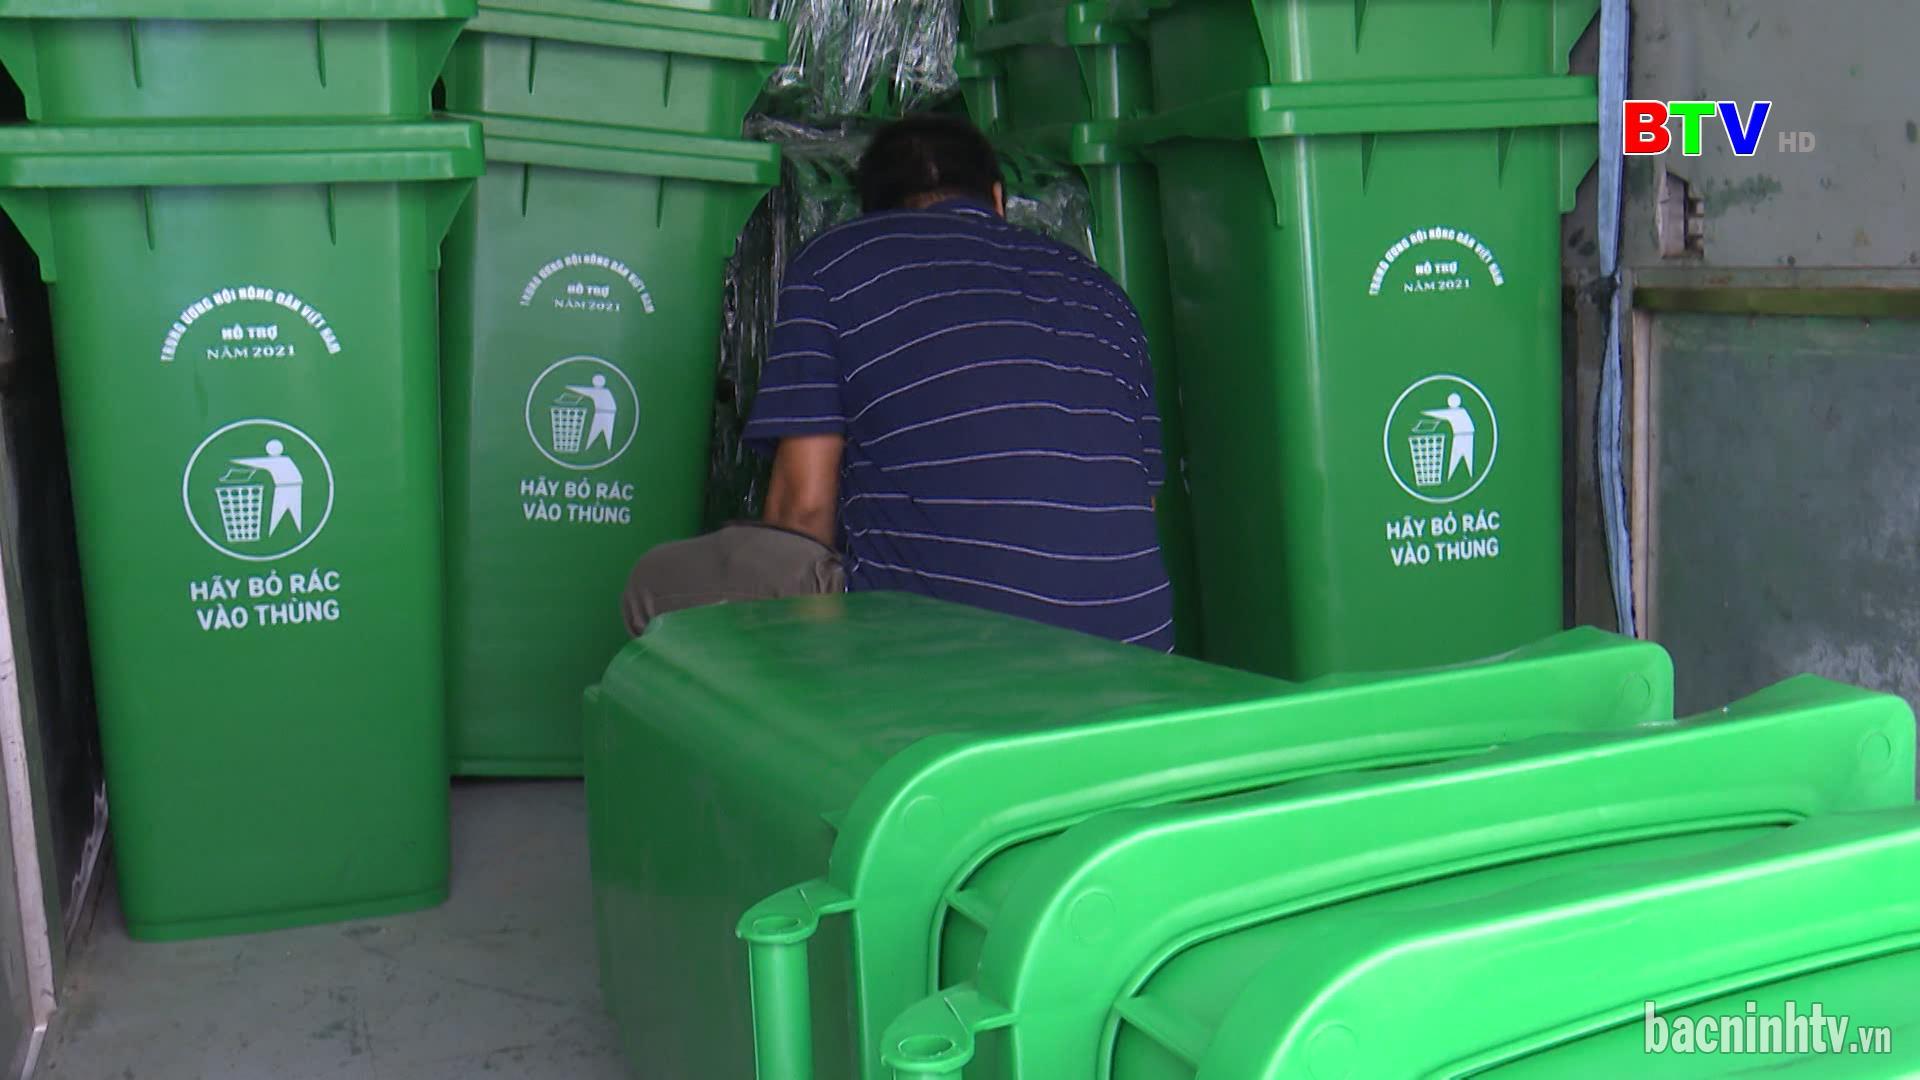 Hội Nông dân tỉnh bàn giao thùng thu gom, phân loại rác tại Thuận Thành